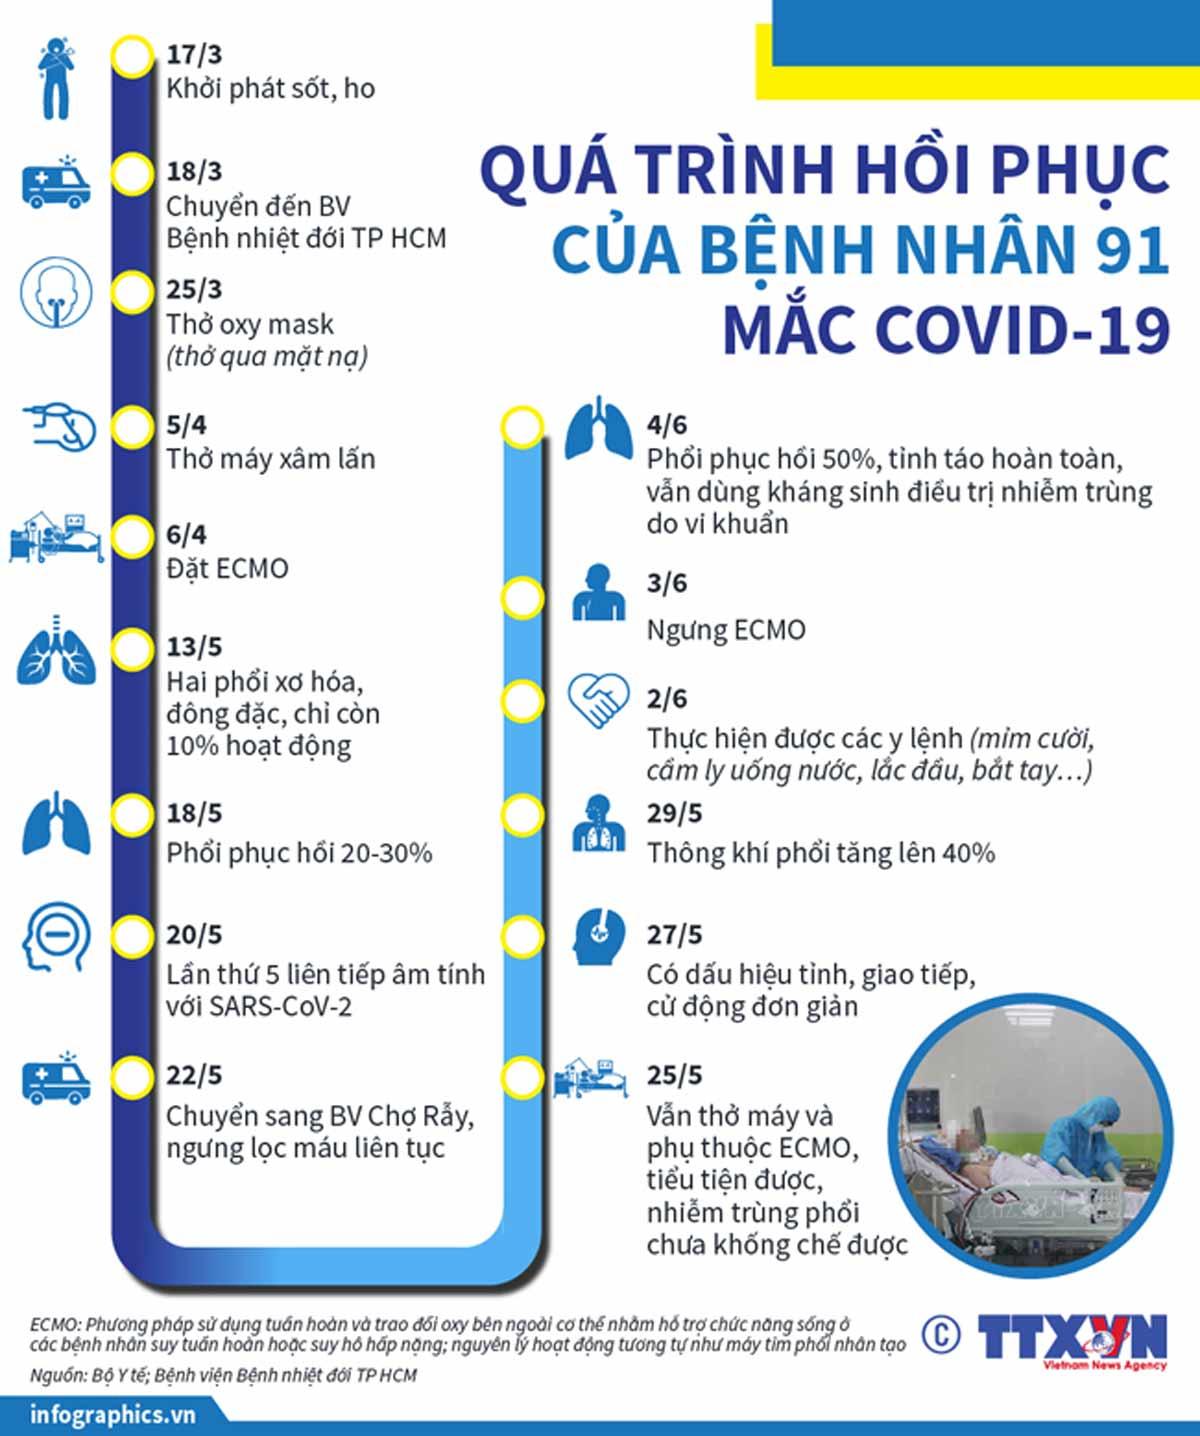 Covid-19, quá trình hồi phục bệnh nhân 91, phi công người Anh, ca mắc Covid-19